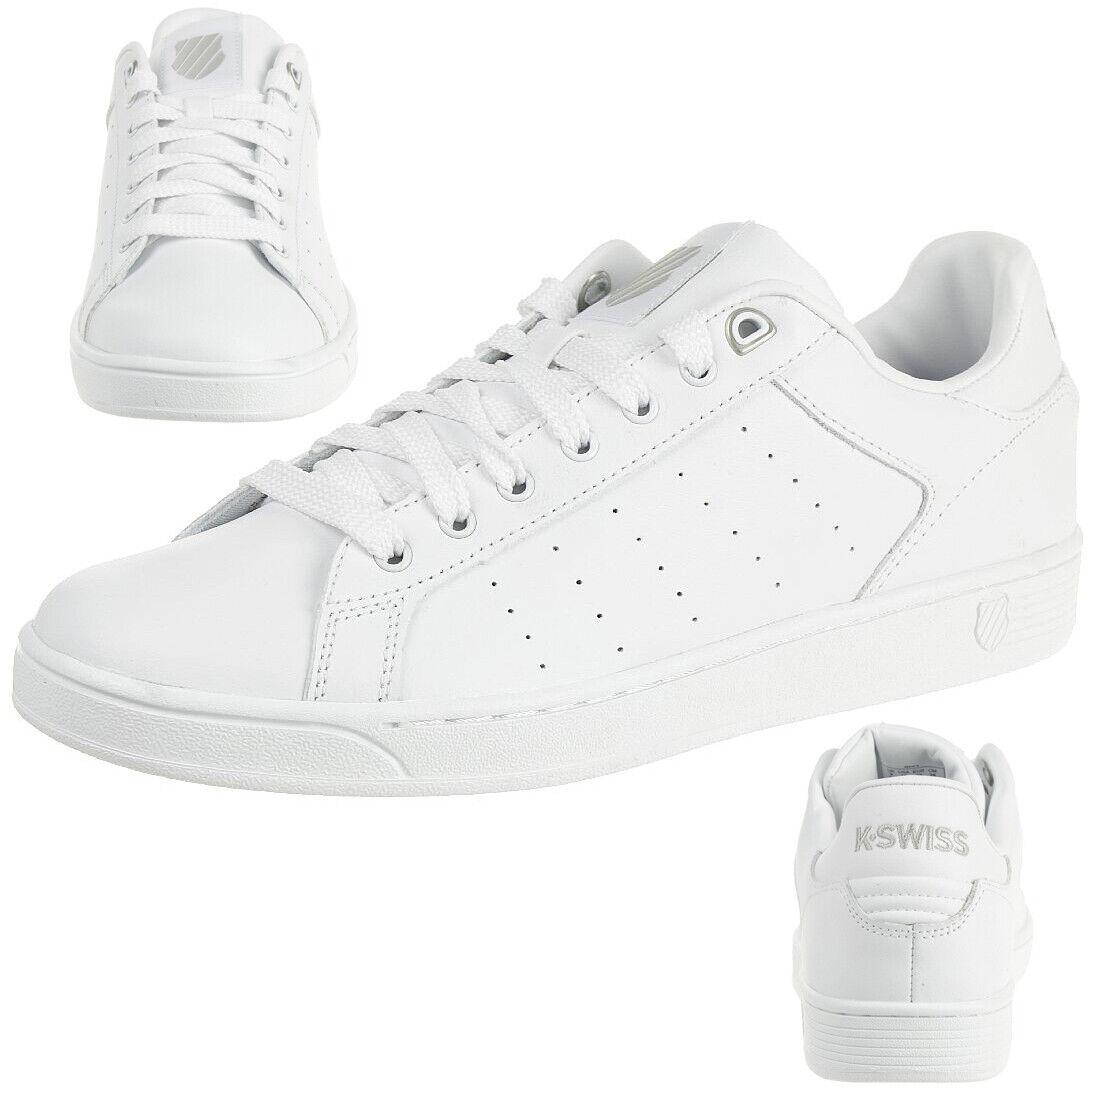 K-Swiss Clean Esvoiturepins Cmf paniers Chaussures pour Hommes Blanc 05353-131-M